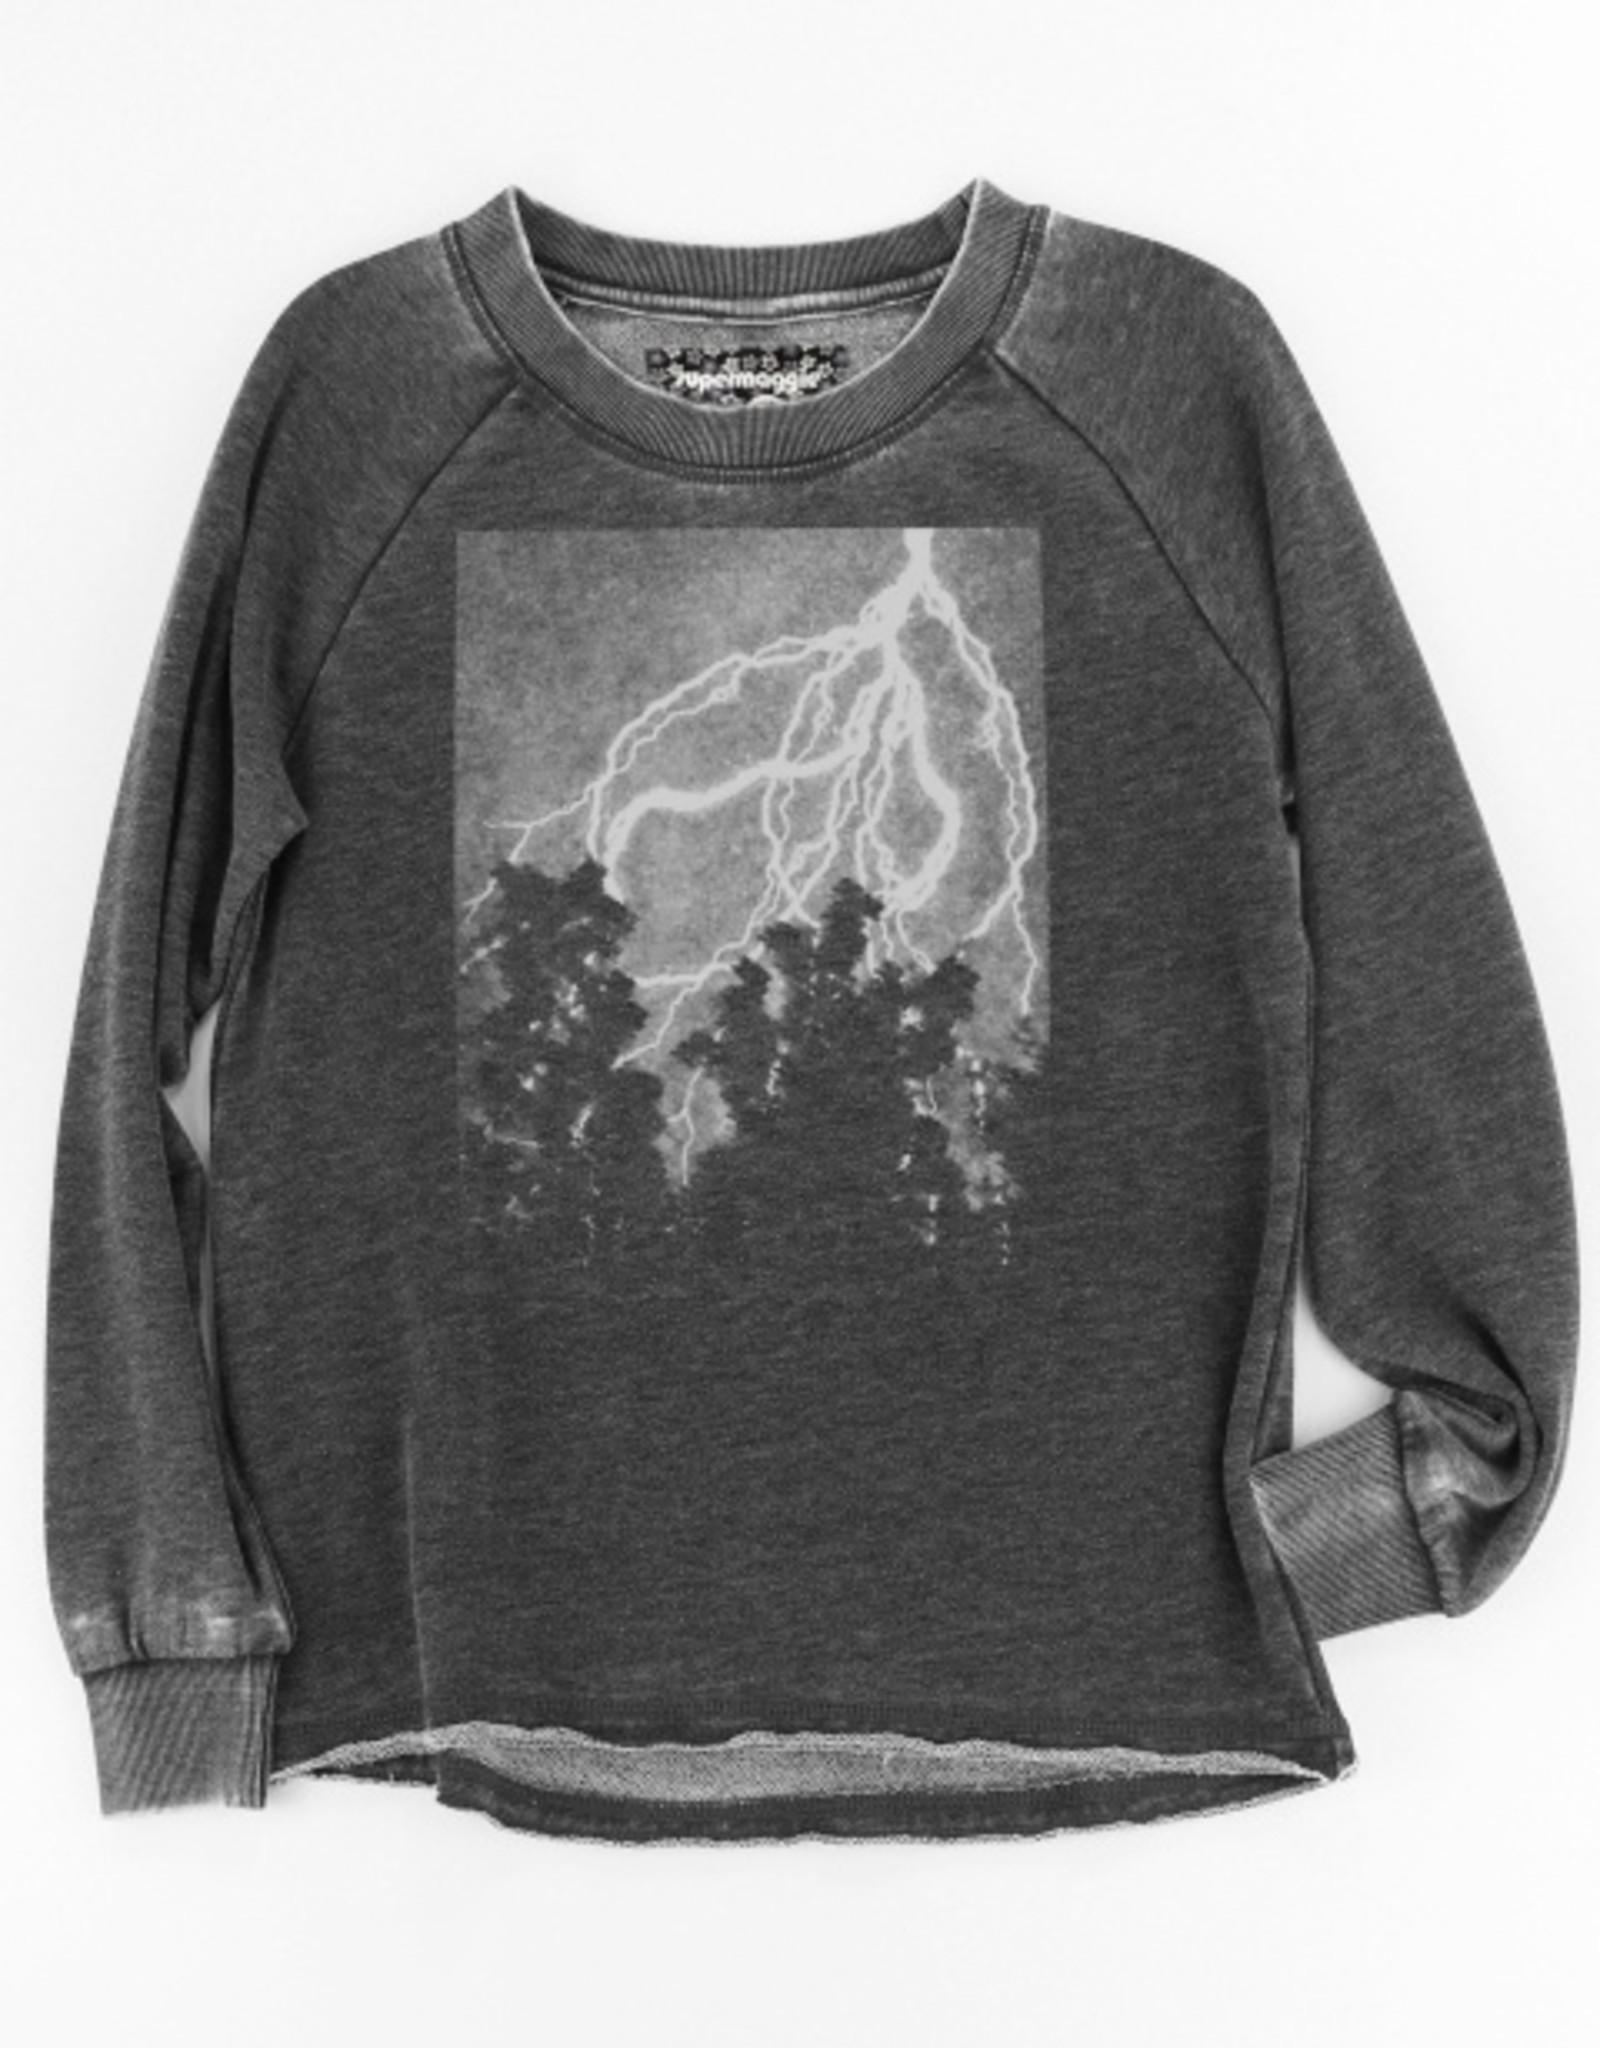 Supermaggie Bibi Sweatshirt by Supermaggie